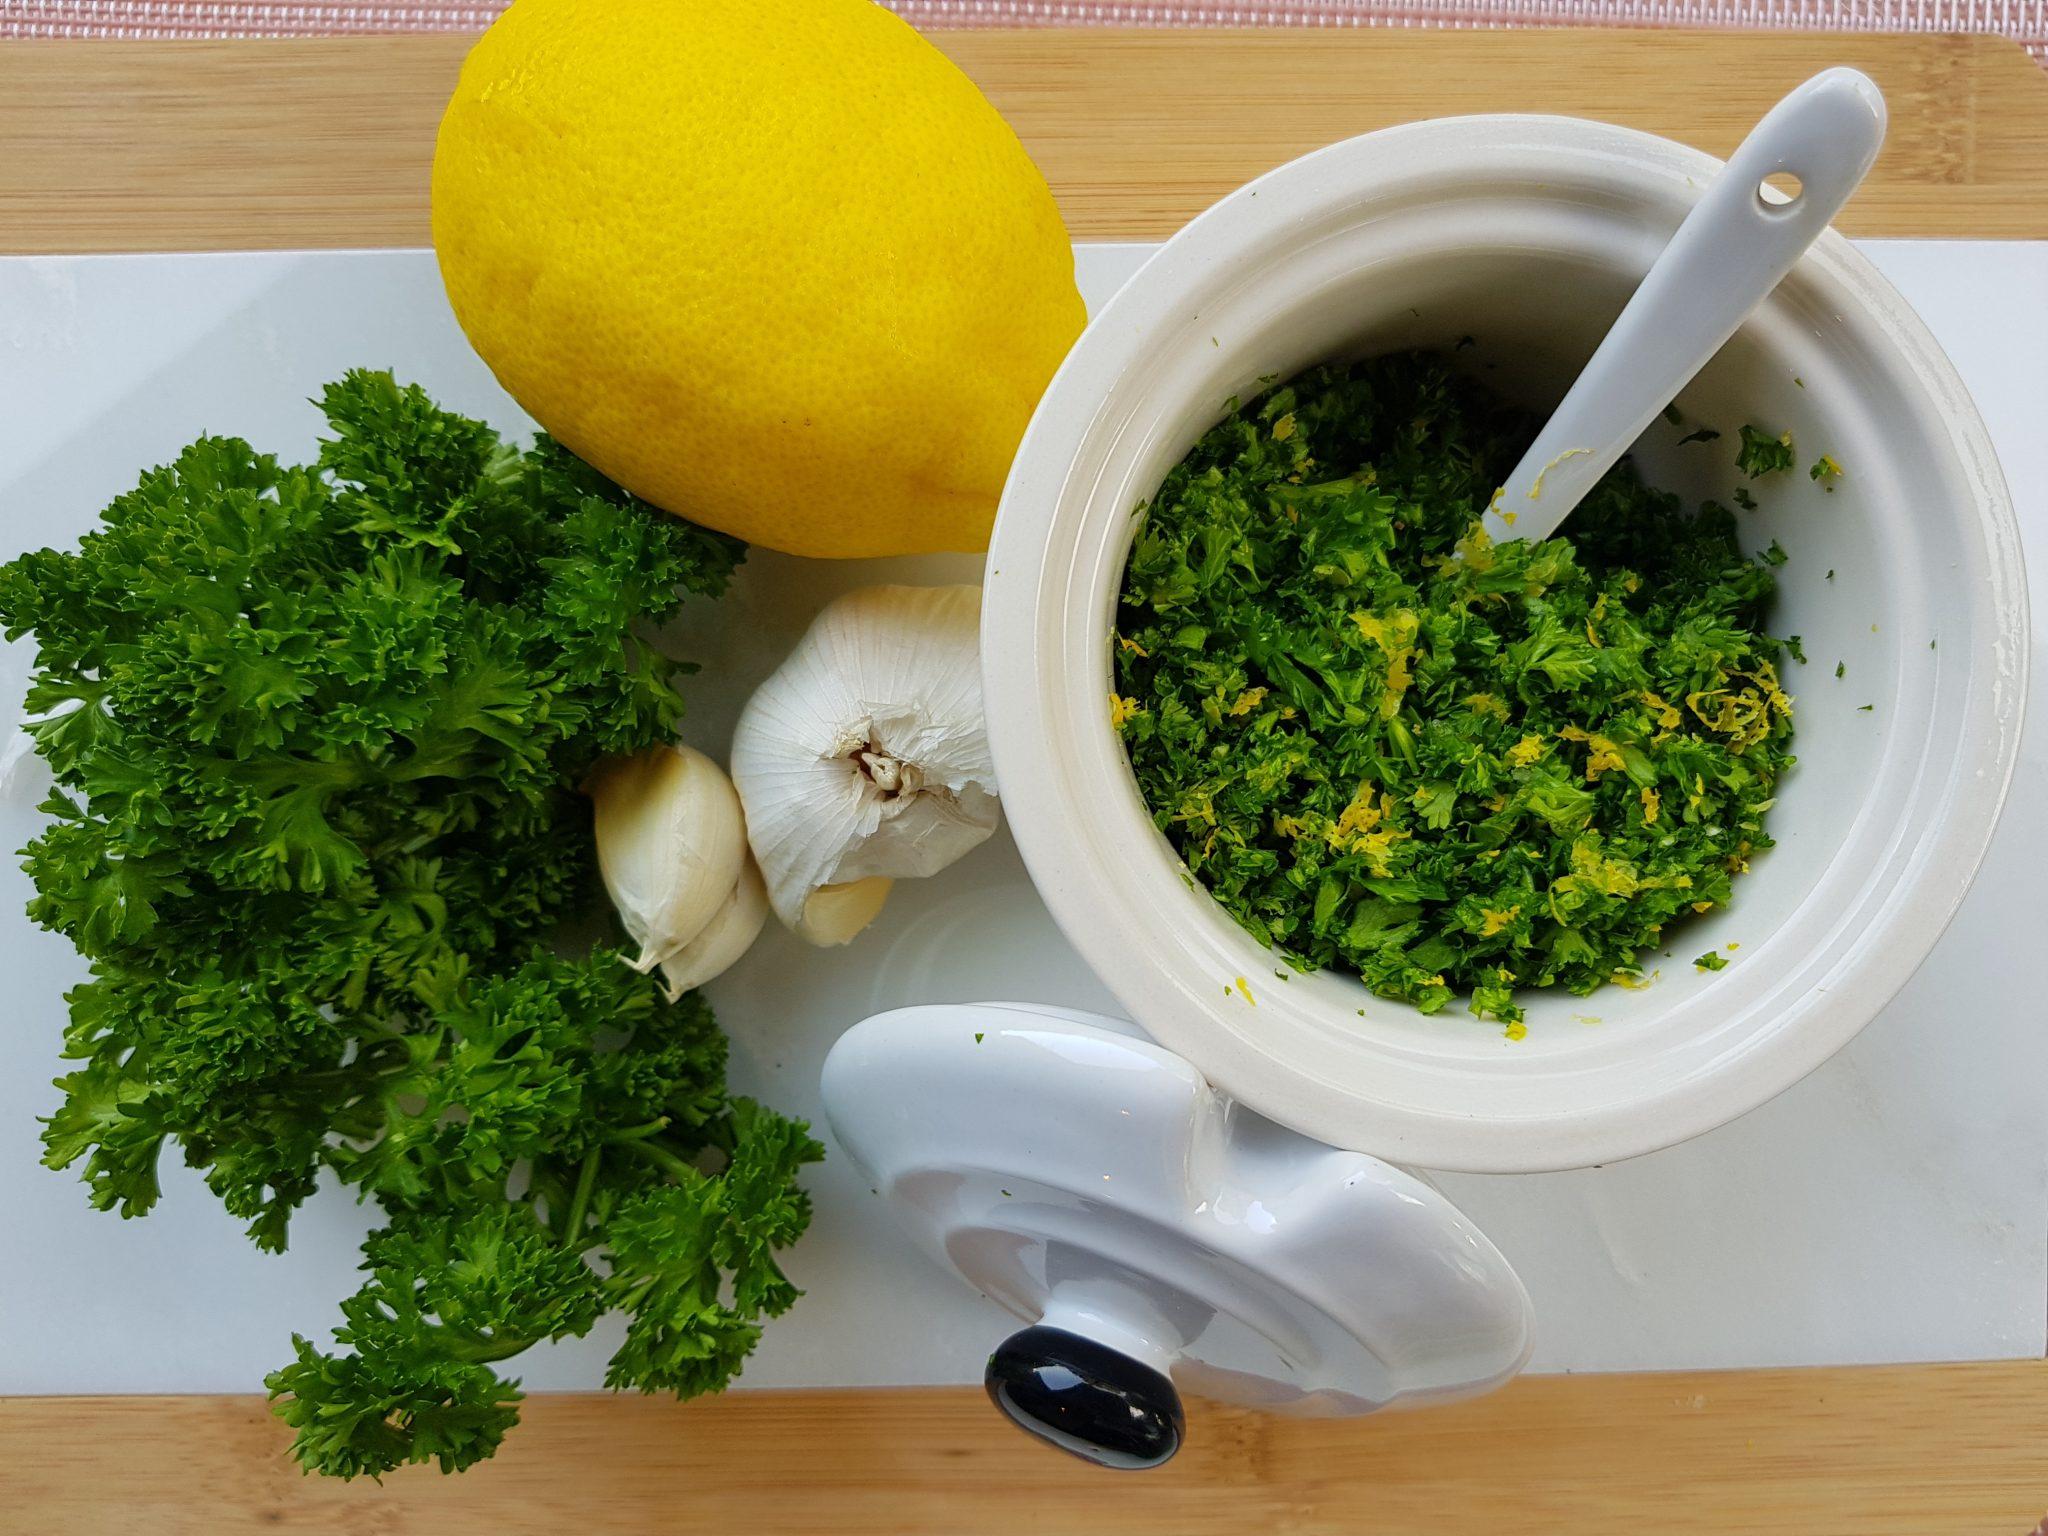 Gremolata; dé smaakmaker uit de italiaanse keuken lekker tafelen